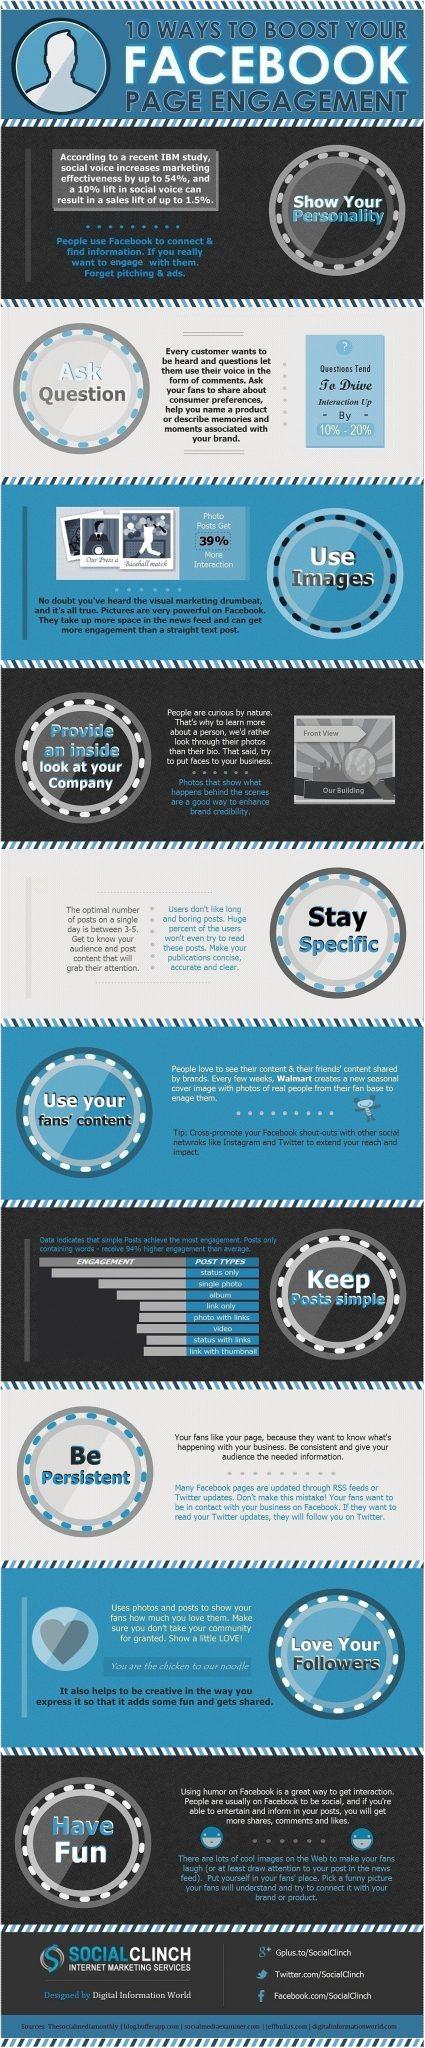 10 mejores prácticas para aumentar el engagement en tu Fan Page.